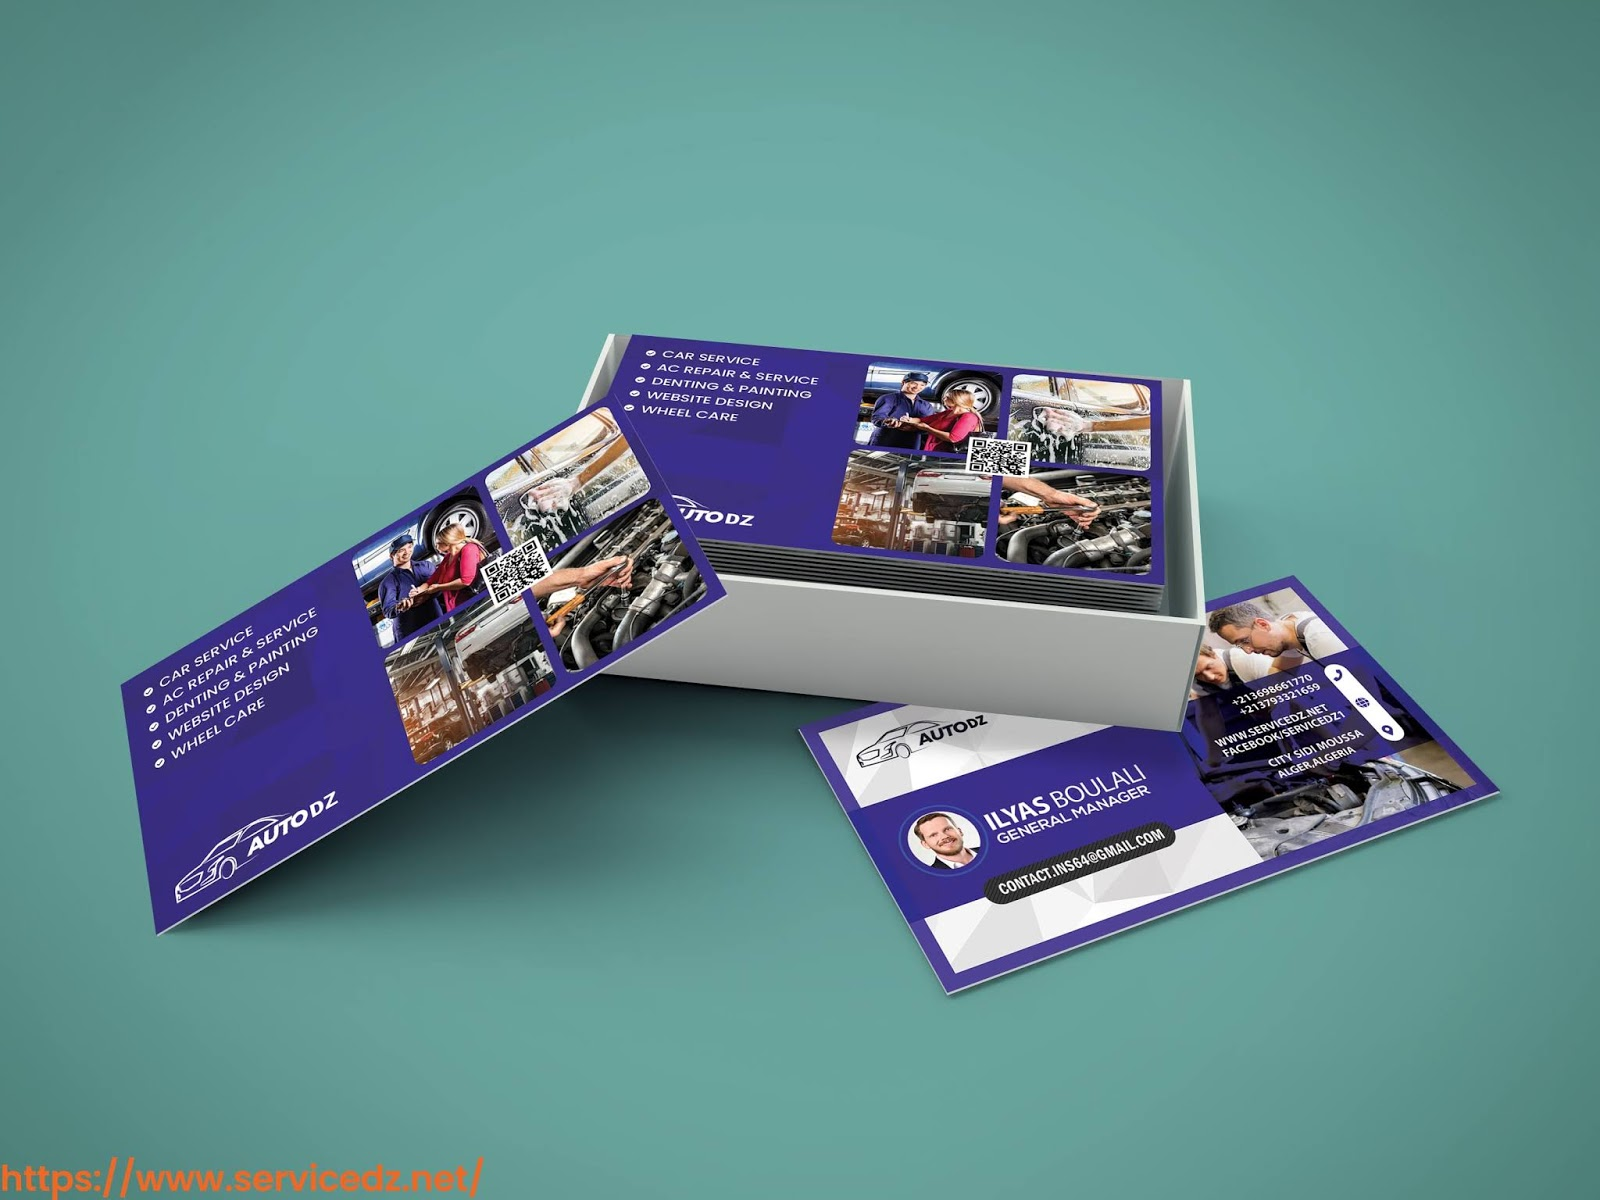 carte de visite- بطاقة أعمال- BUSINESS CARD- CARTE VISITE- كرت شخصي- servicedz